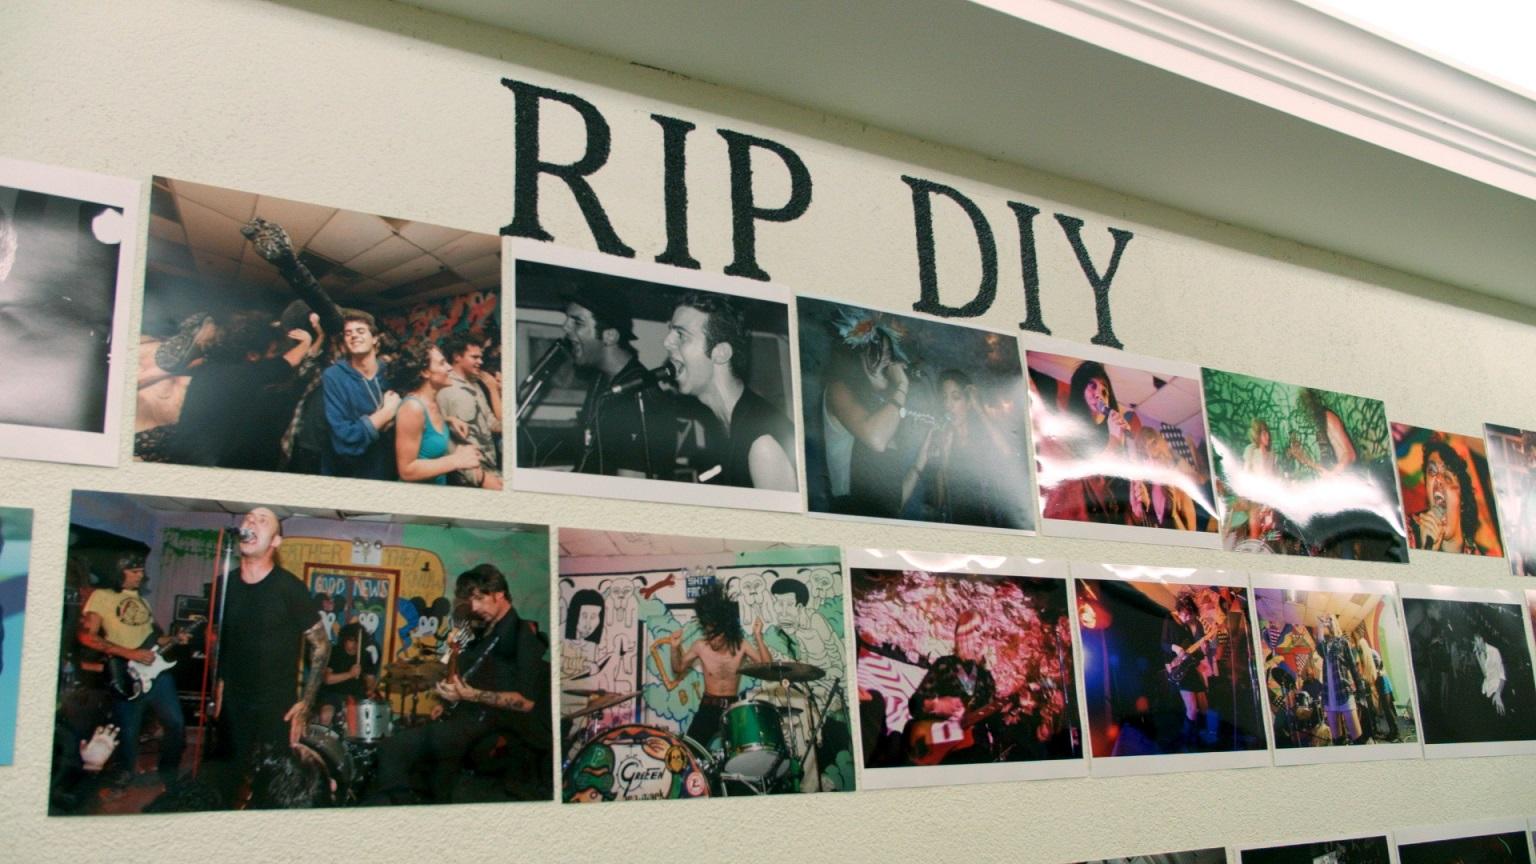 02_《再見地下布魯克林》片中牆上「安息吧!DIY精神」的標語